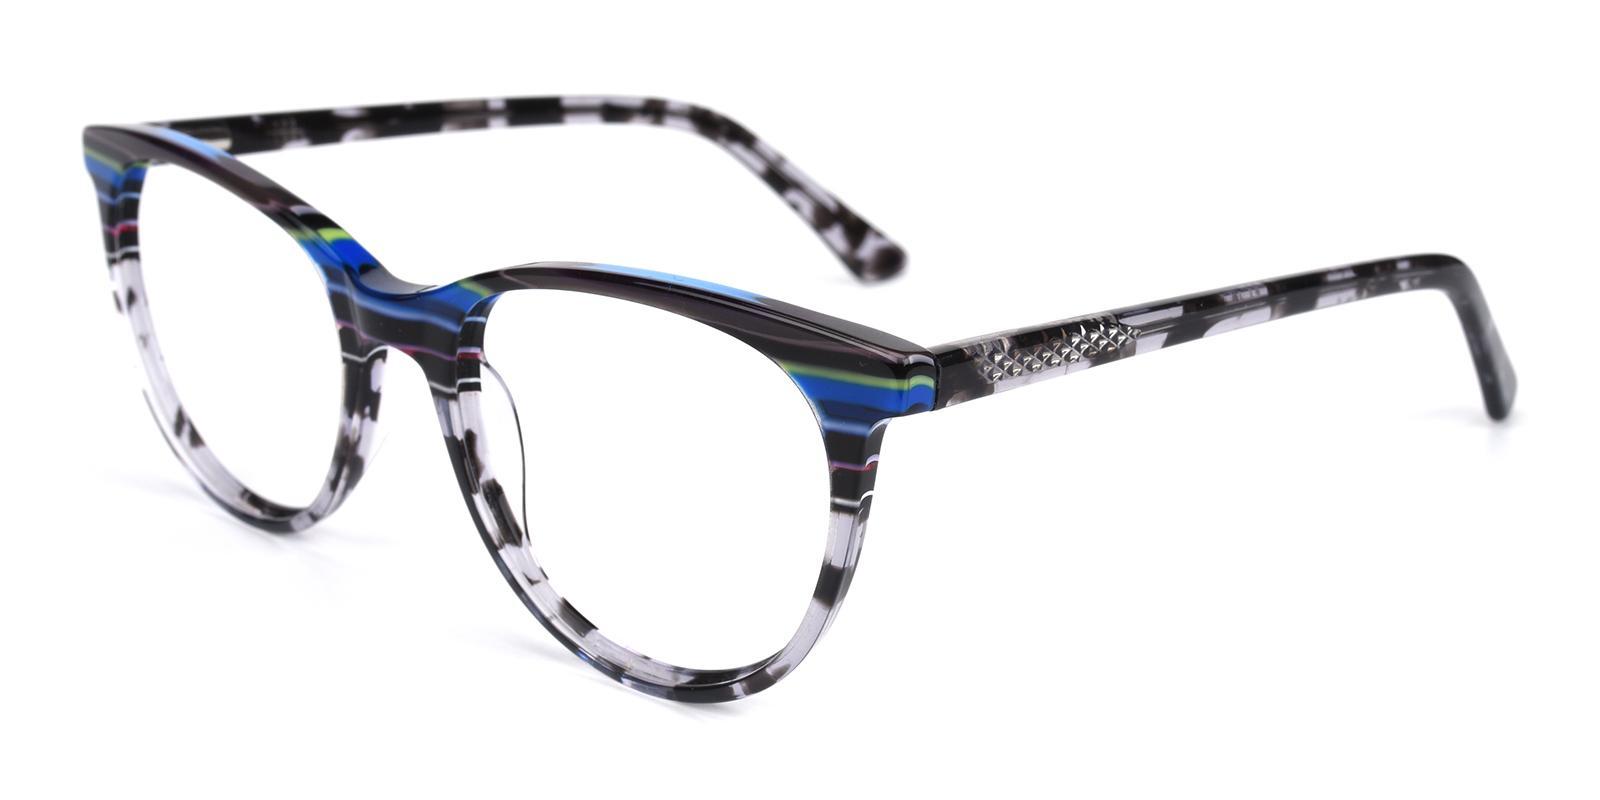 Lankas-Black-Cat-Acetate-Eyeglasses-detail